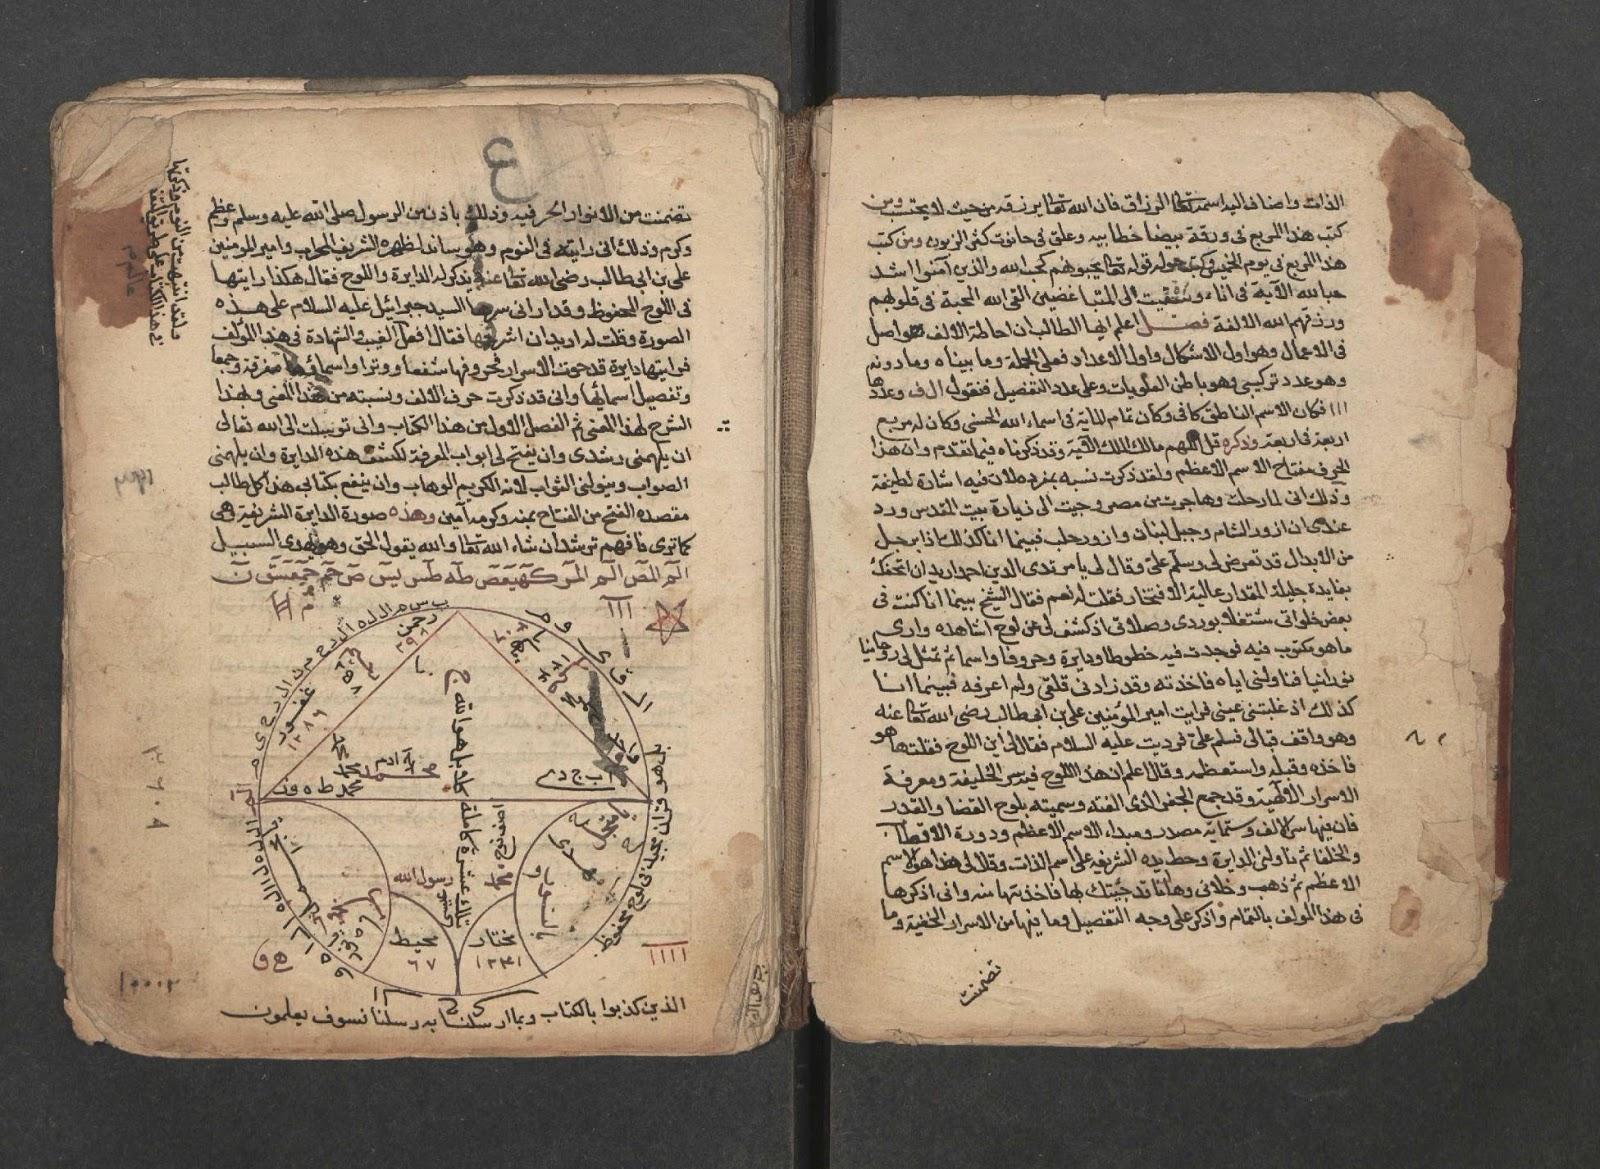 تحميل كتاب منبع اصول الحكمه مركز العلوم الروحانية